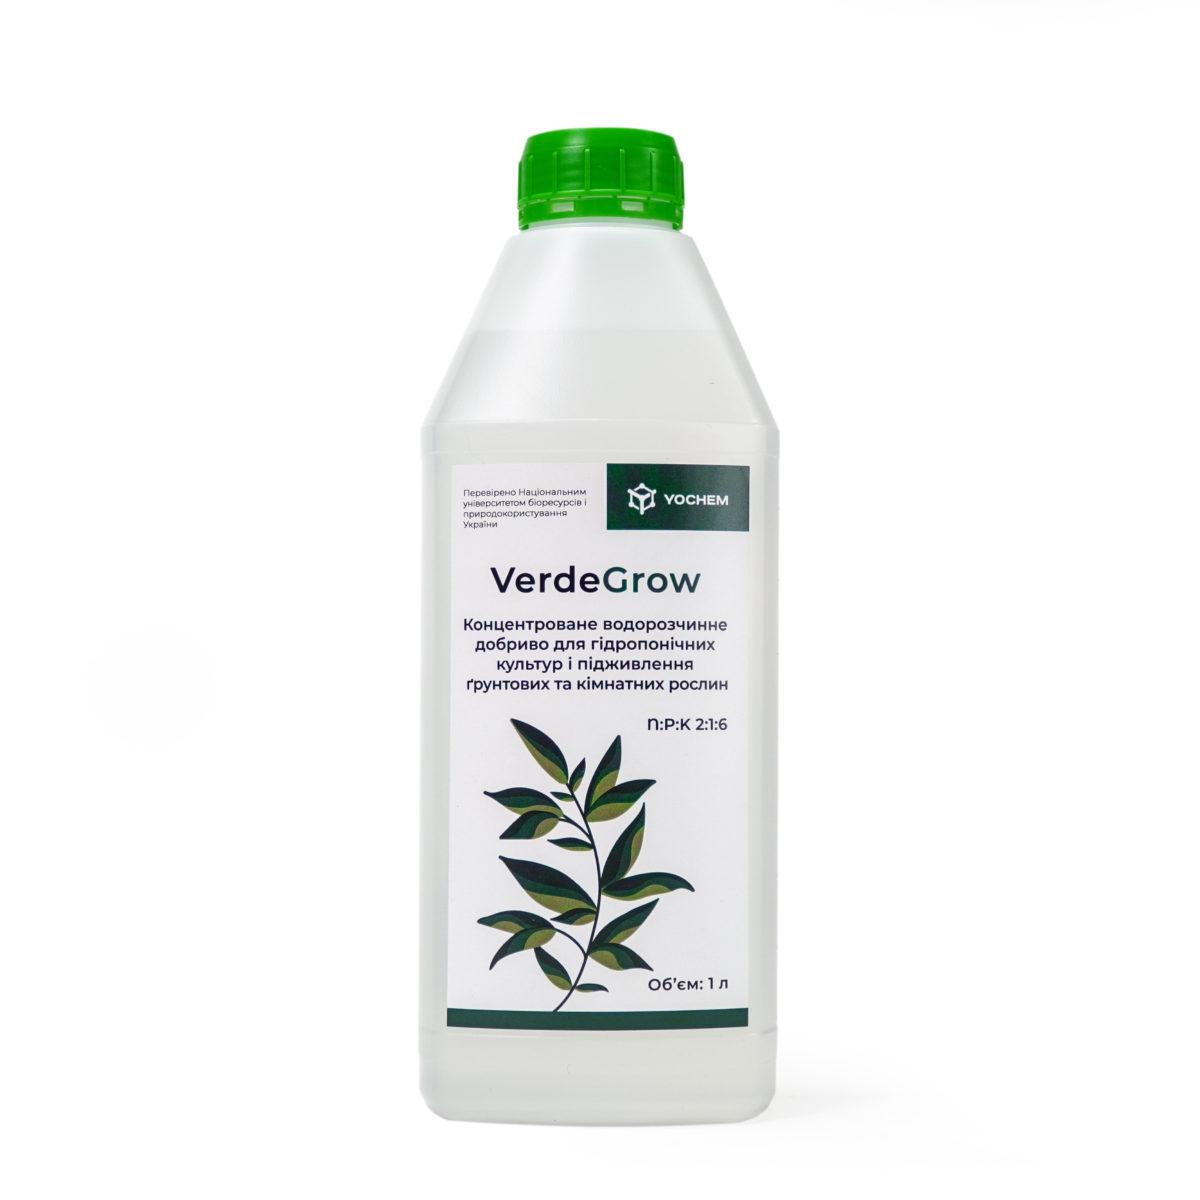 Концентрированное водорастворимое удобрение для гидропонных культур и подкормки грунтовых и комнатных растений VerdeGrow